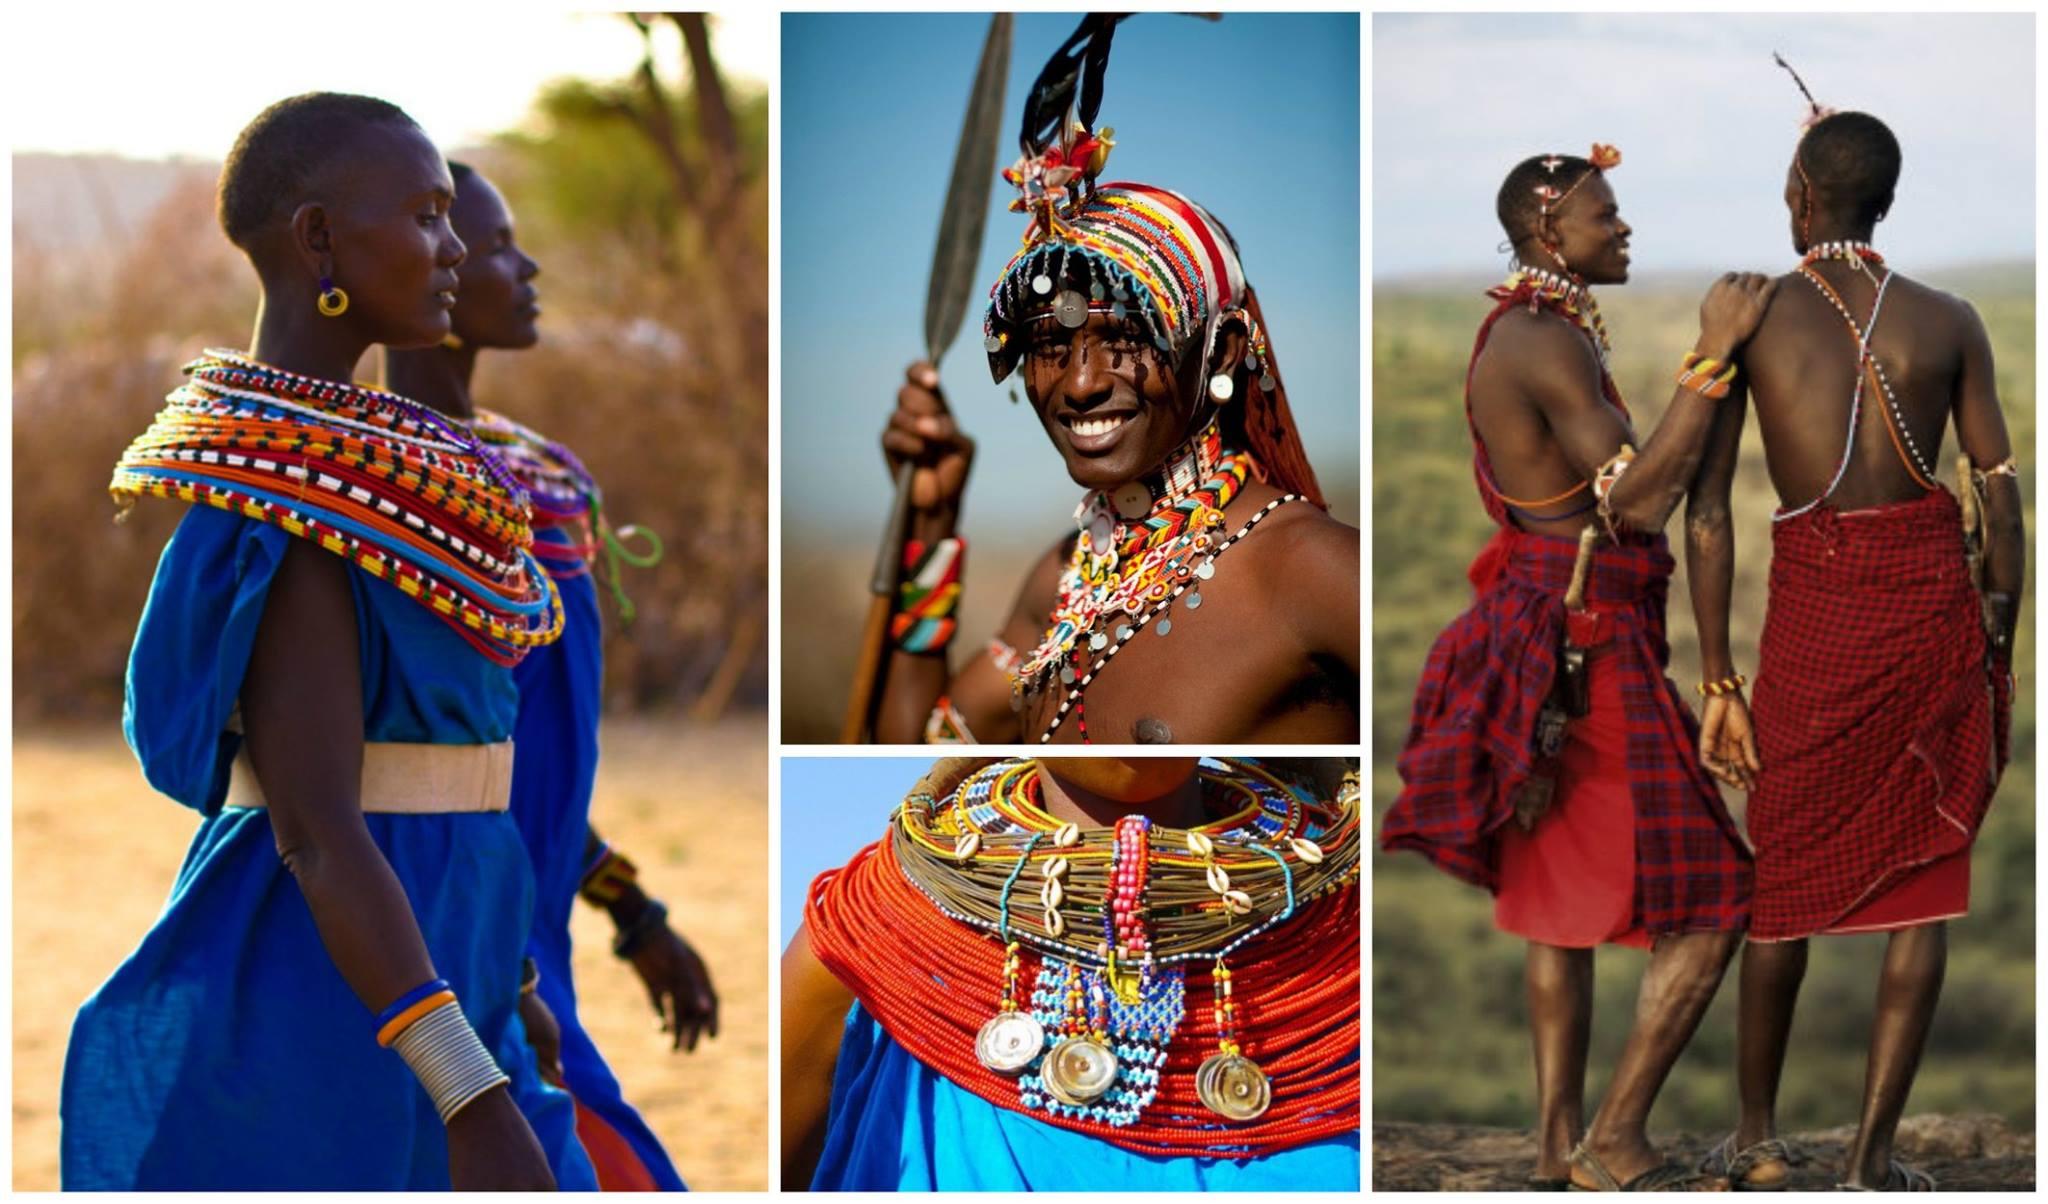 1b263d66bdd6 Η Αφρική είναι γενικότερα κύρια πηγή επιρροής ethnic στοιχείων στην μόδα  και κομμάτια όπως το καφτάνι